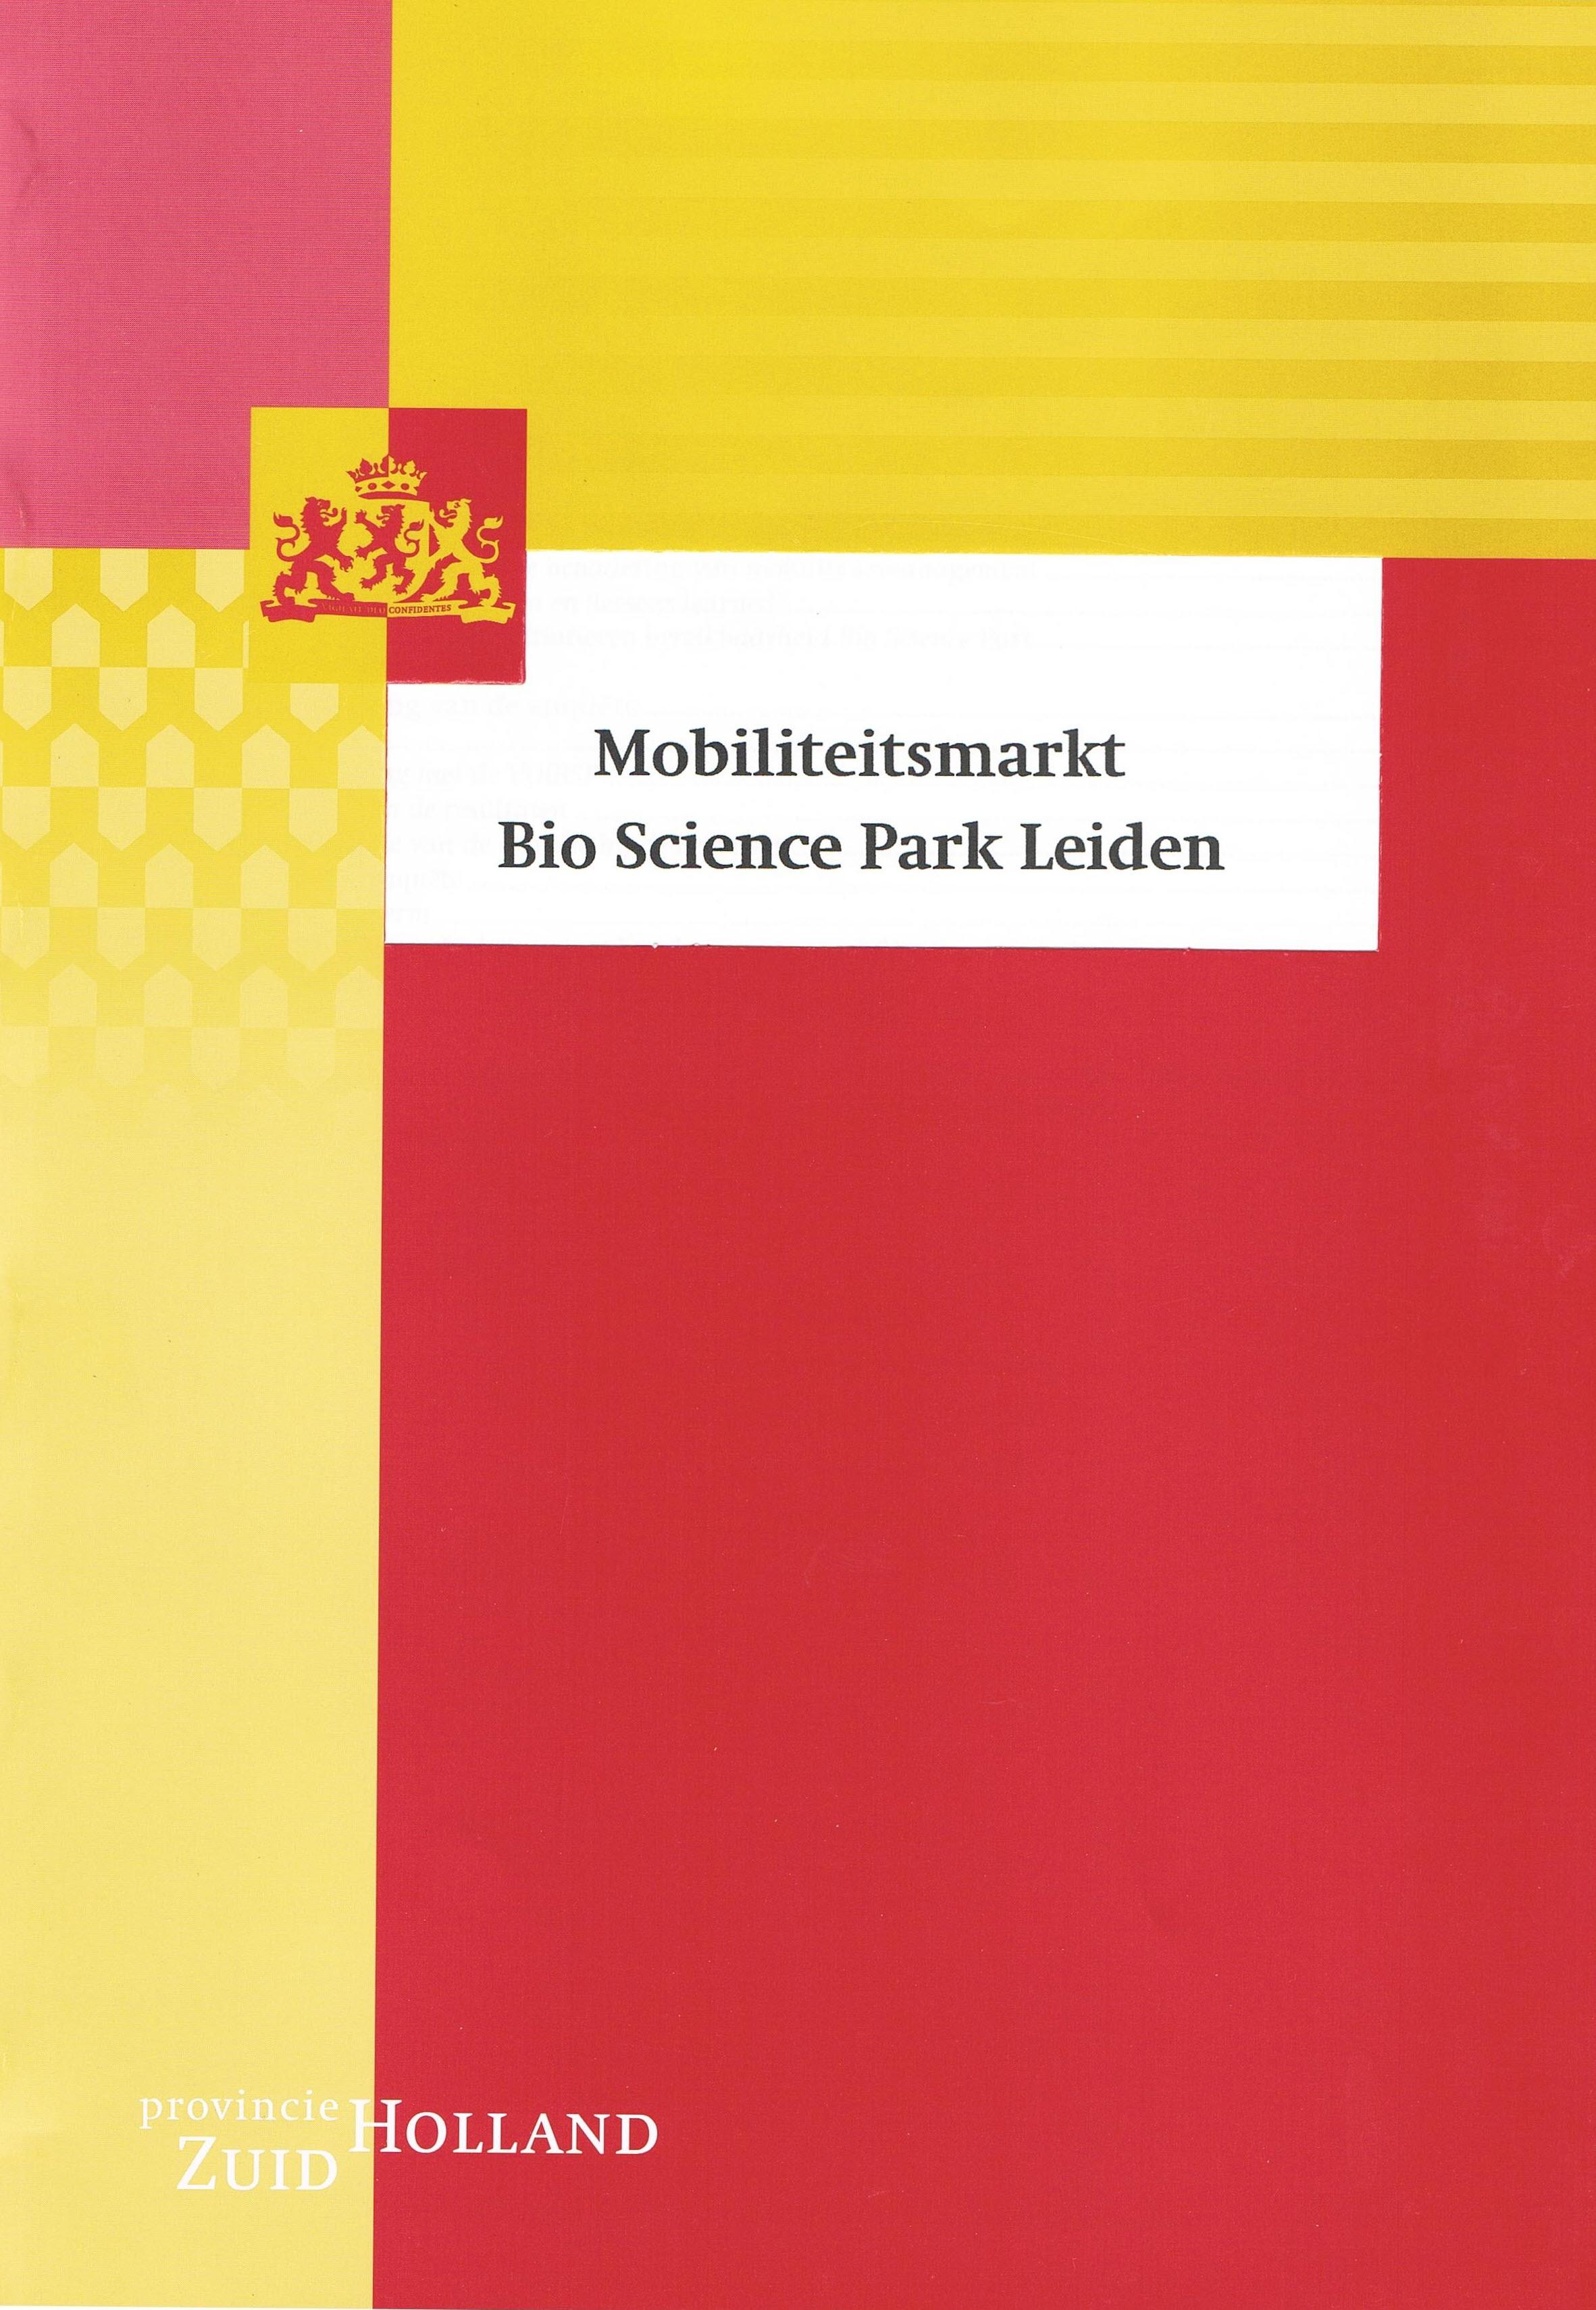 Op BioSciencepark werd in 2003 met een digitale enquête een respons van 100% bereikt